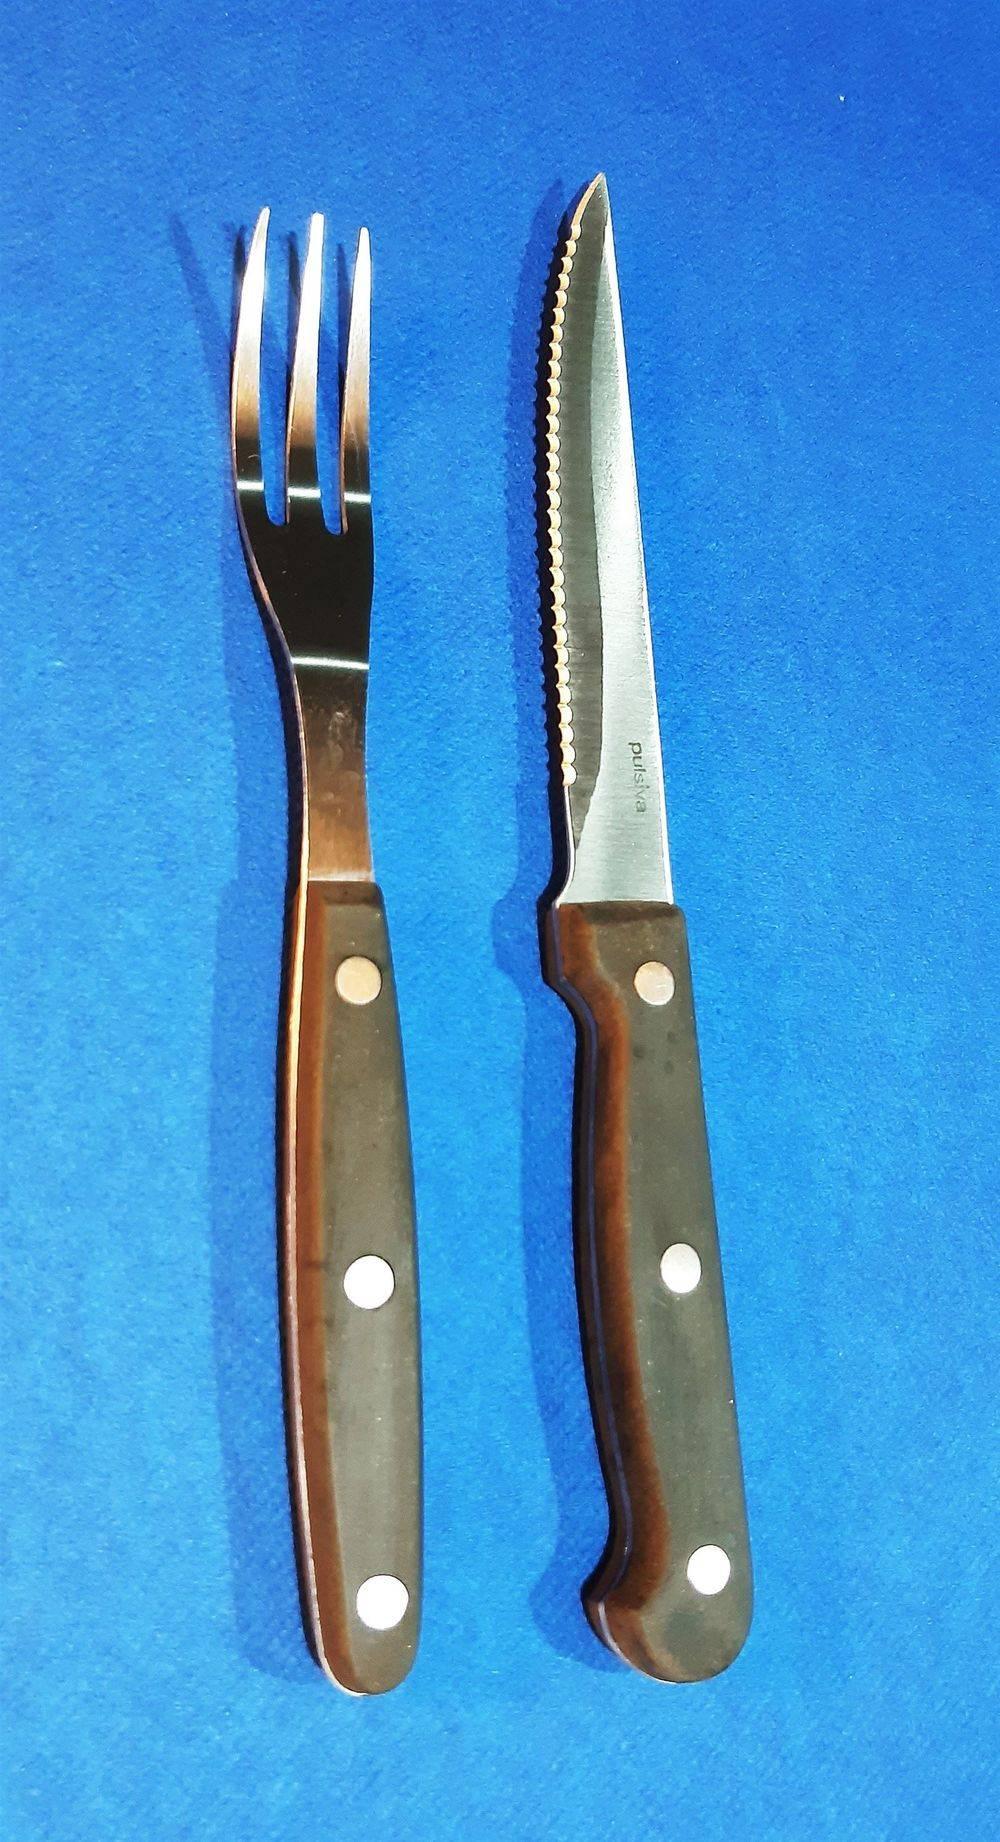 Steak Messer - Fr. 0.60 pro St.